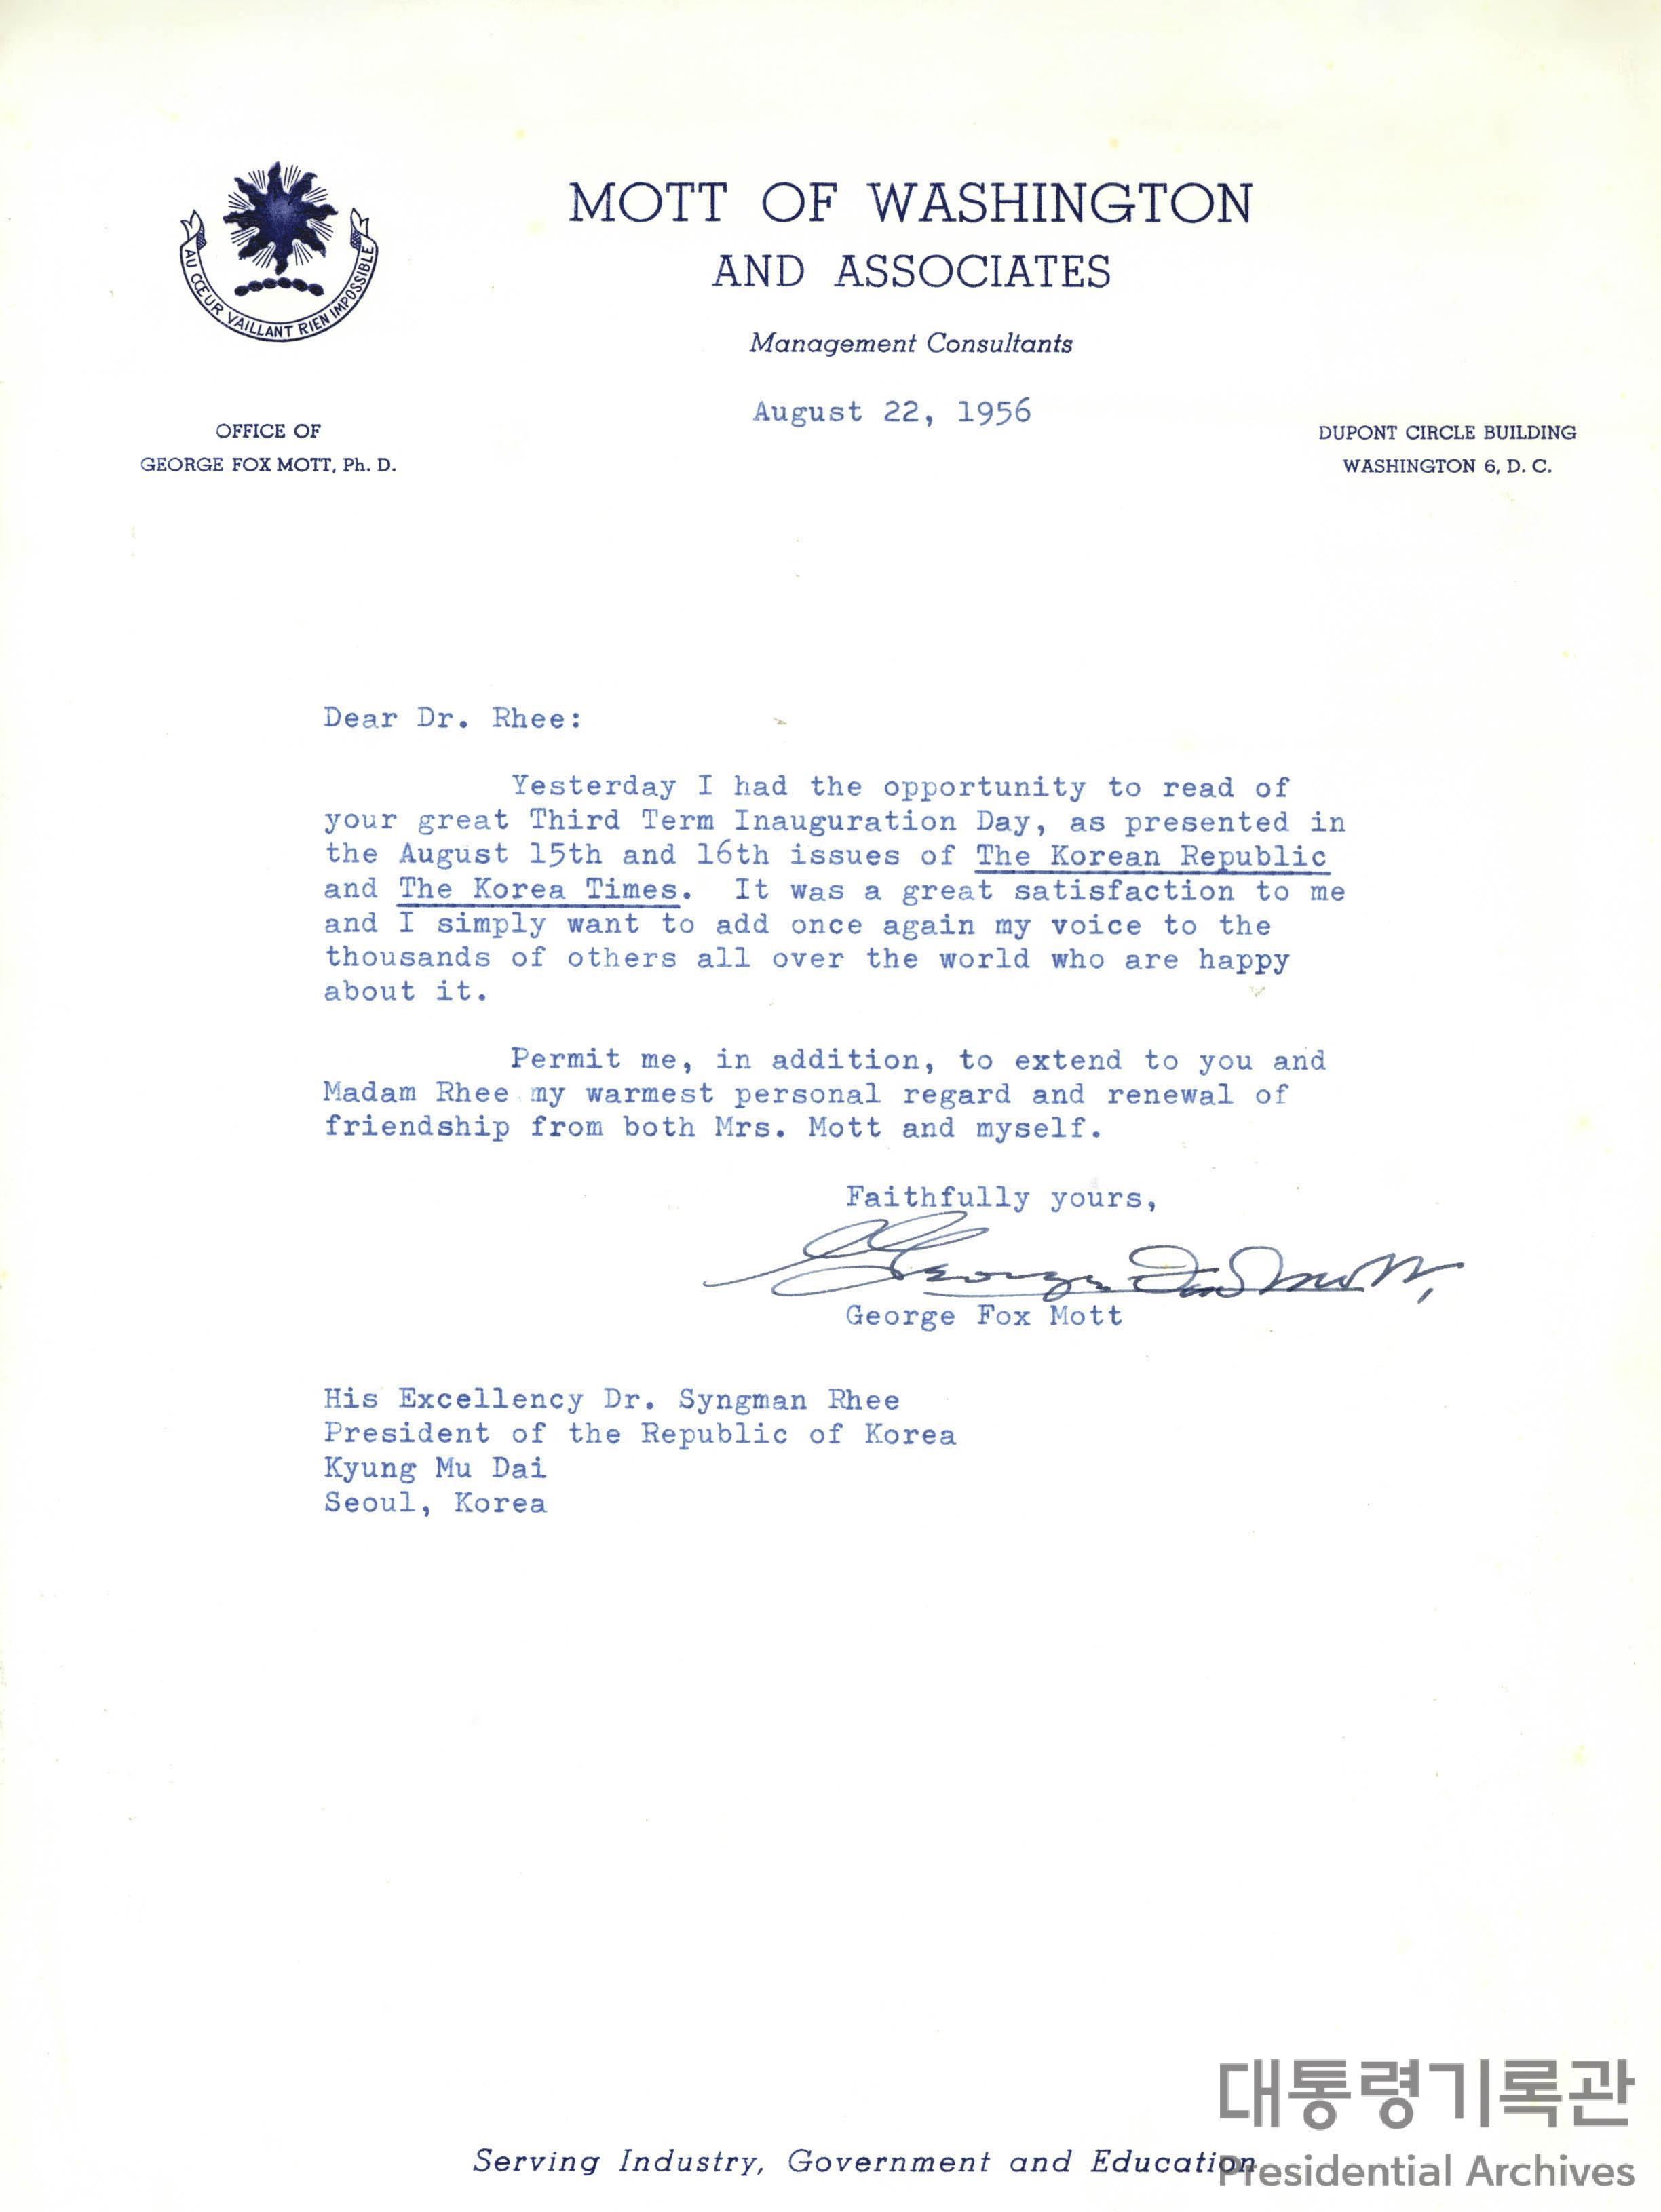 조지 폭스 모트(George Fox Mott)가 이승만 대통령에게 보낸 3선 취임축하 서한